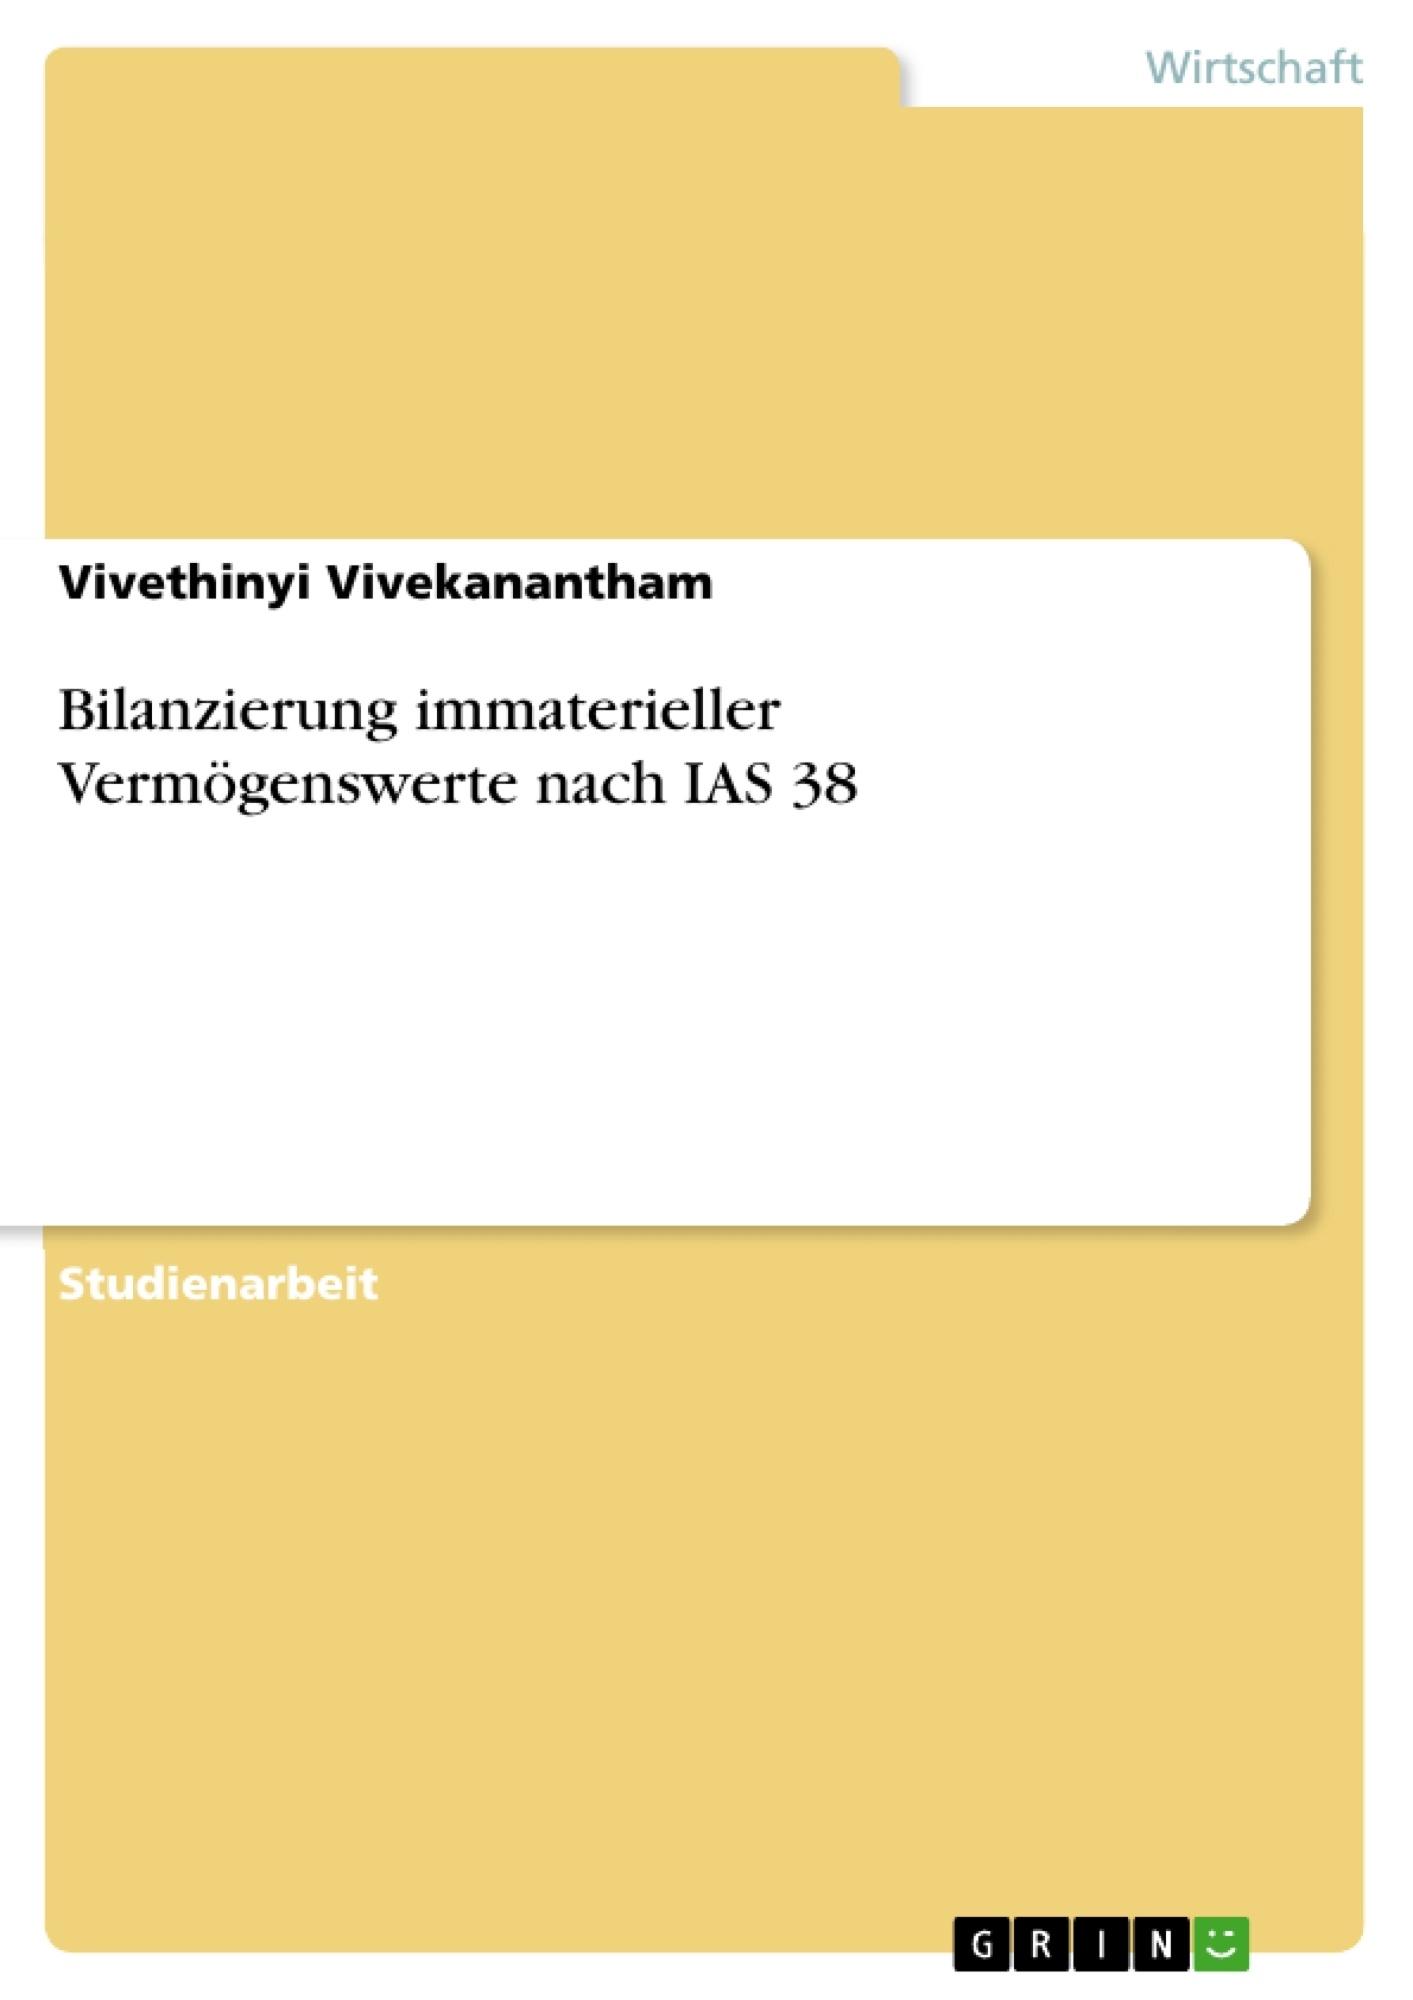 Titel: Bilanzierung immaterieller Vermögenswerte nach IAS 38